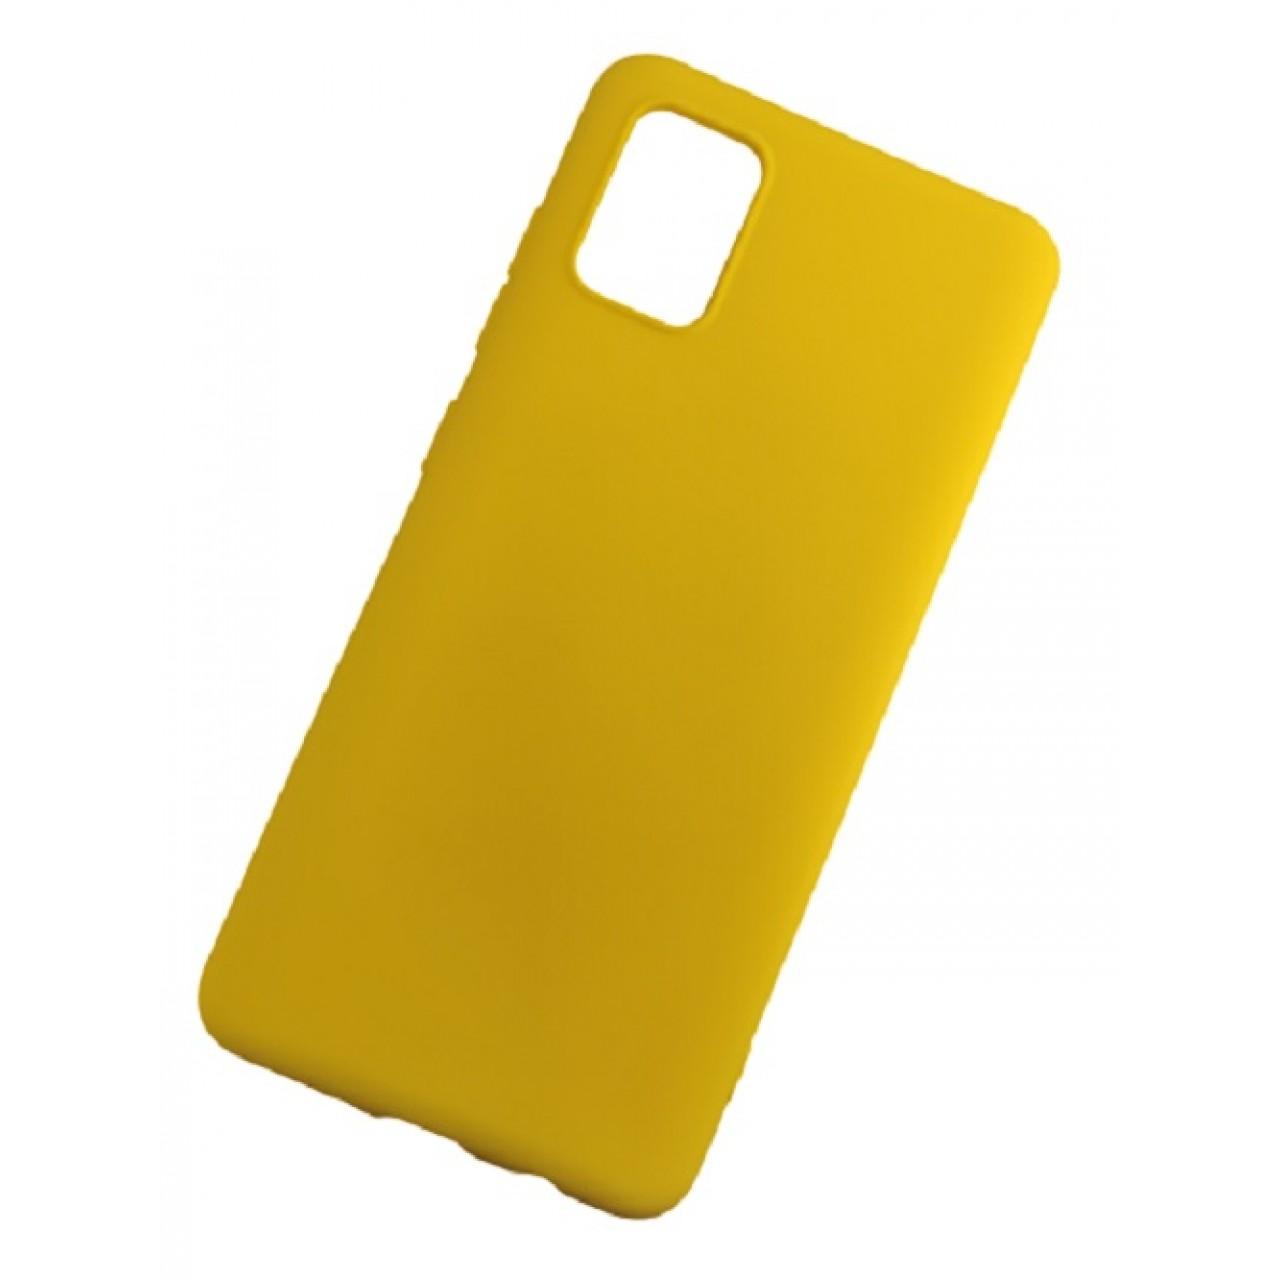 ΘΗΚΗ ΠΡΟΣΤΑΣΙΑΣ ΣΙΛΙΚΟΝΗΣ ΓΙΑ Samsung A71 ΚΙΤΡΙΝΗ - BACK COVER SILICONE CASE YELLOW - OEM